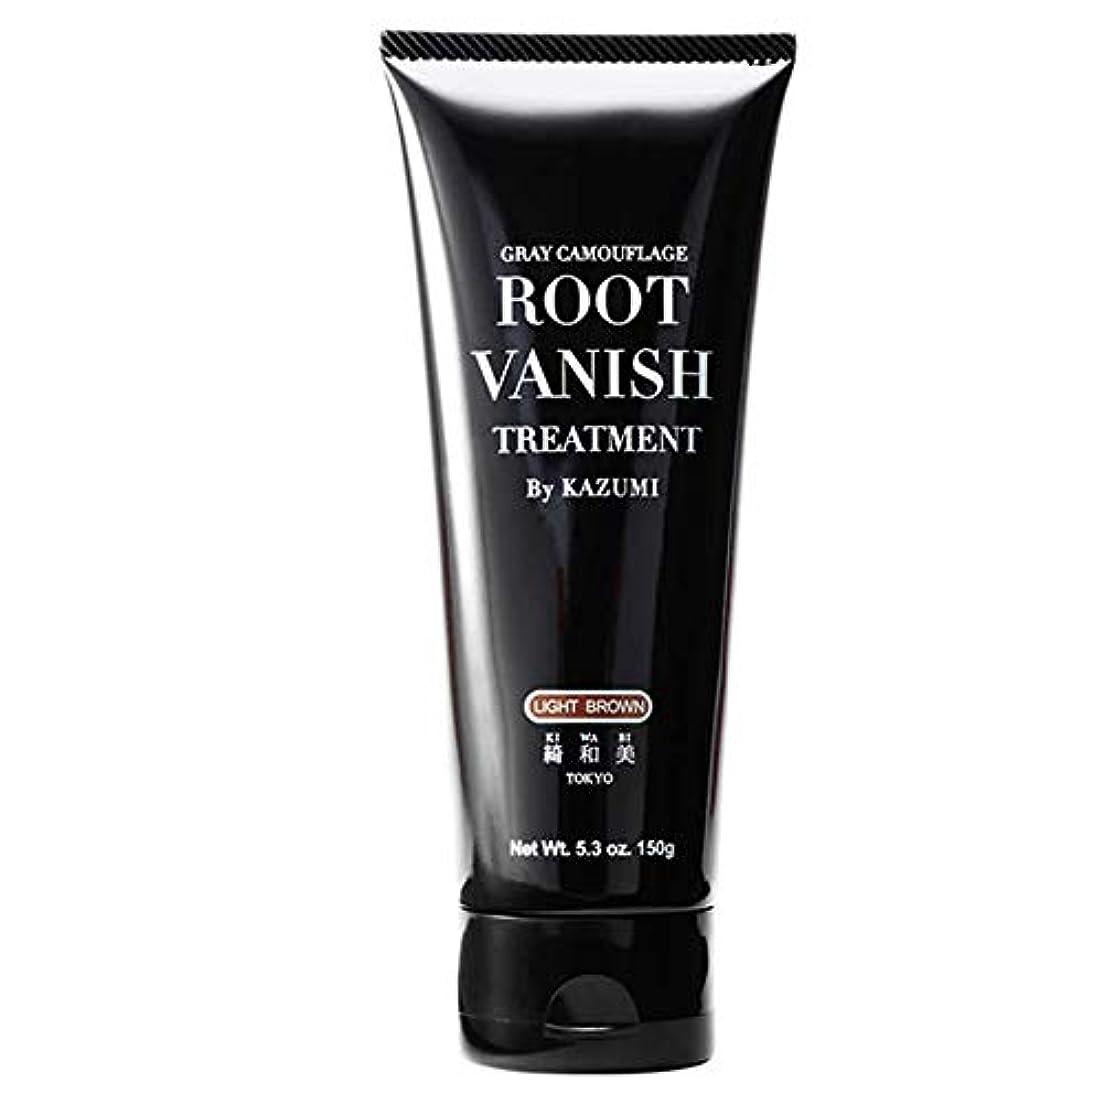 ゴールドご予約出発Root Vanish 白髪染め (ライトブラウン) ヘアカラートリートメント 女性用 [100%天然成分 / 無添加22種類の植物エキス配合]